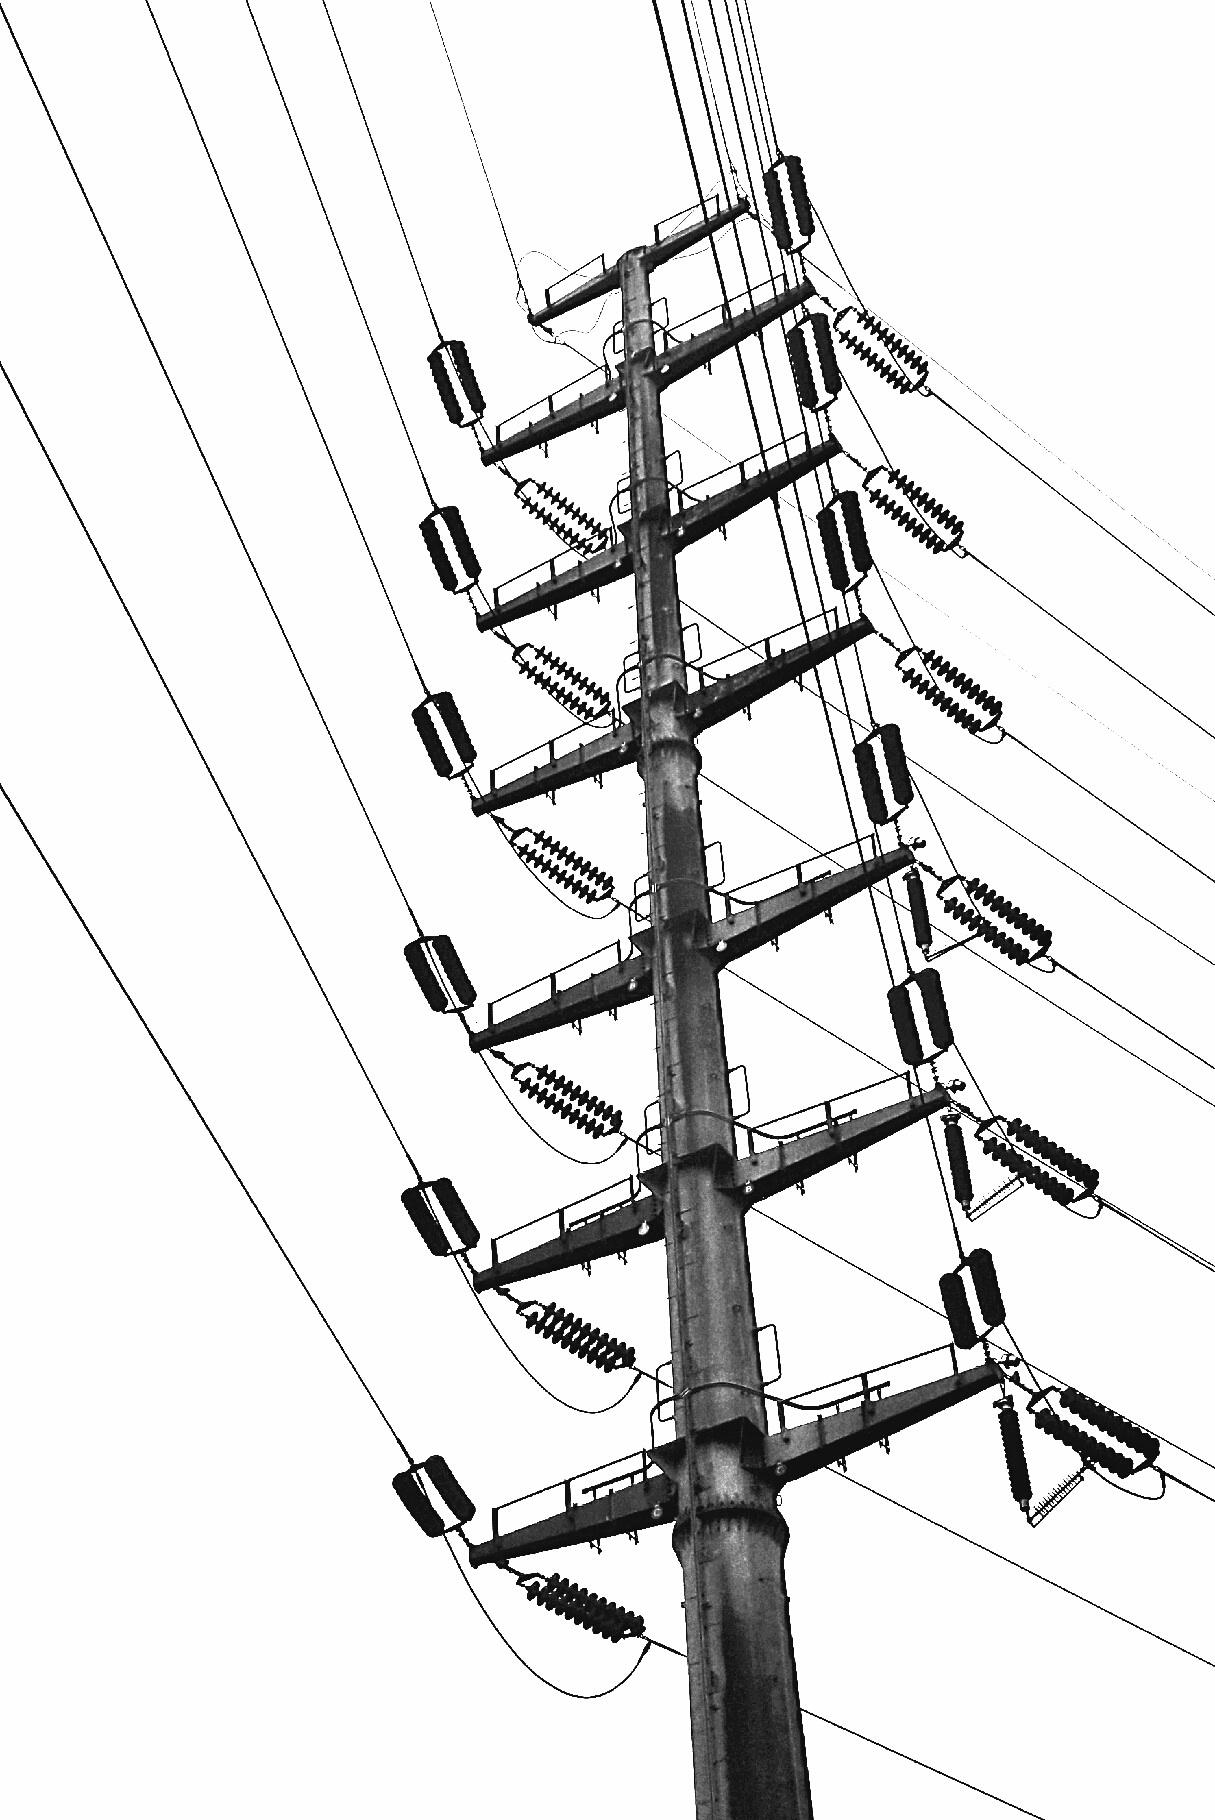 Fotos Gratis Línea Mástil Electricidad Bosquejo Dibujo